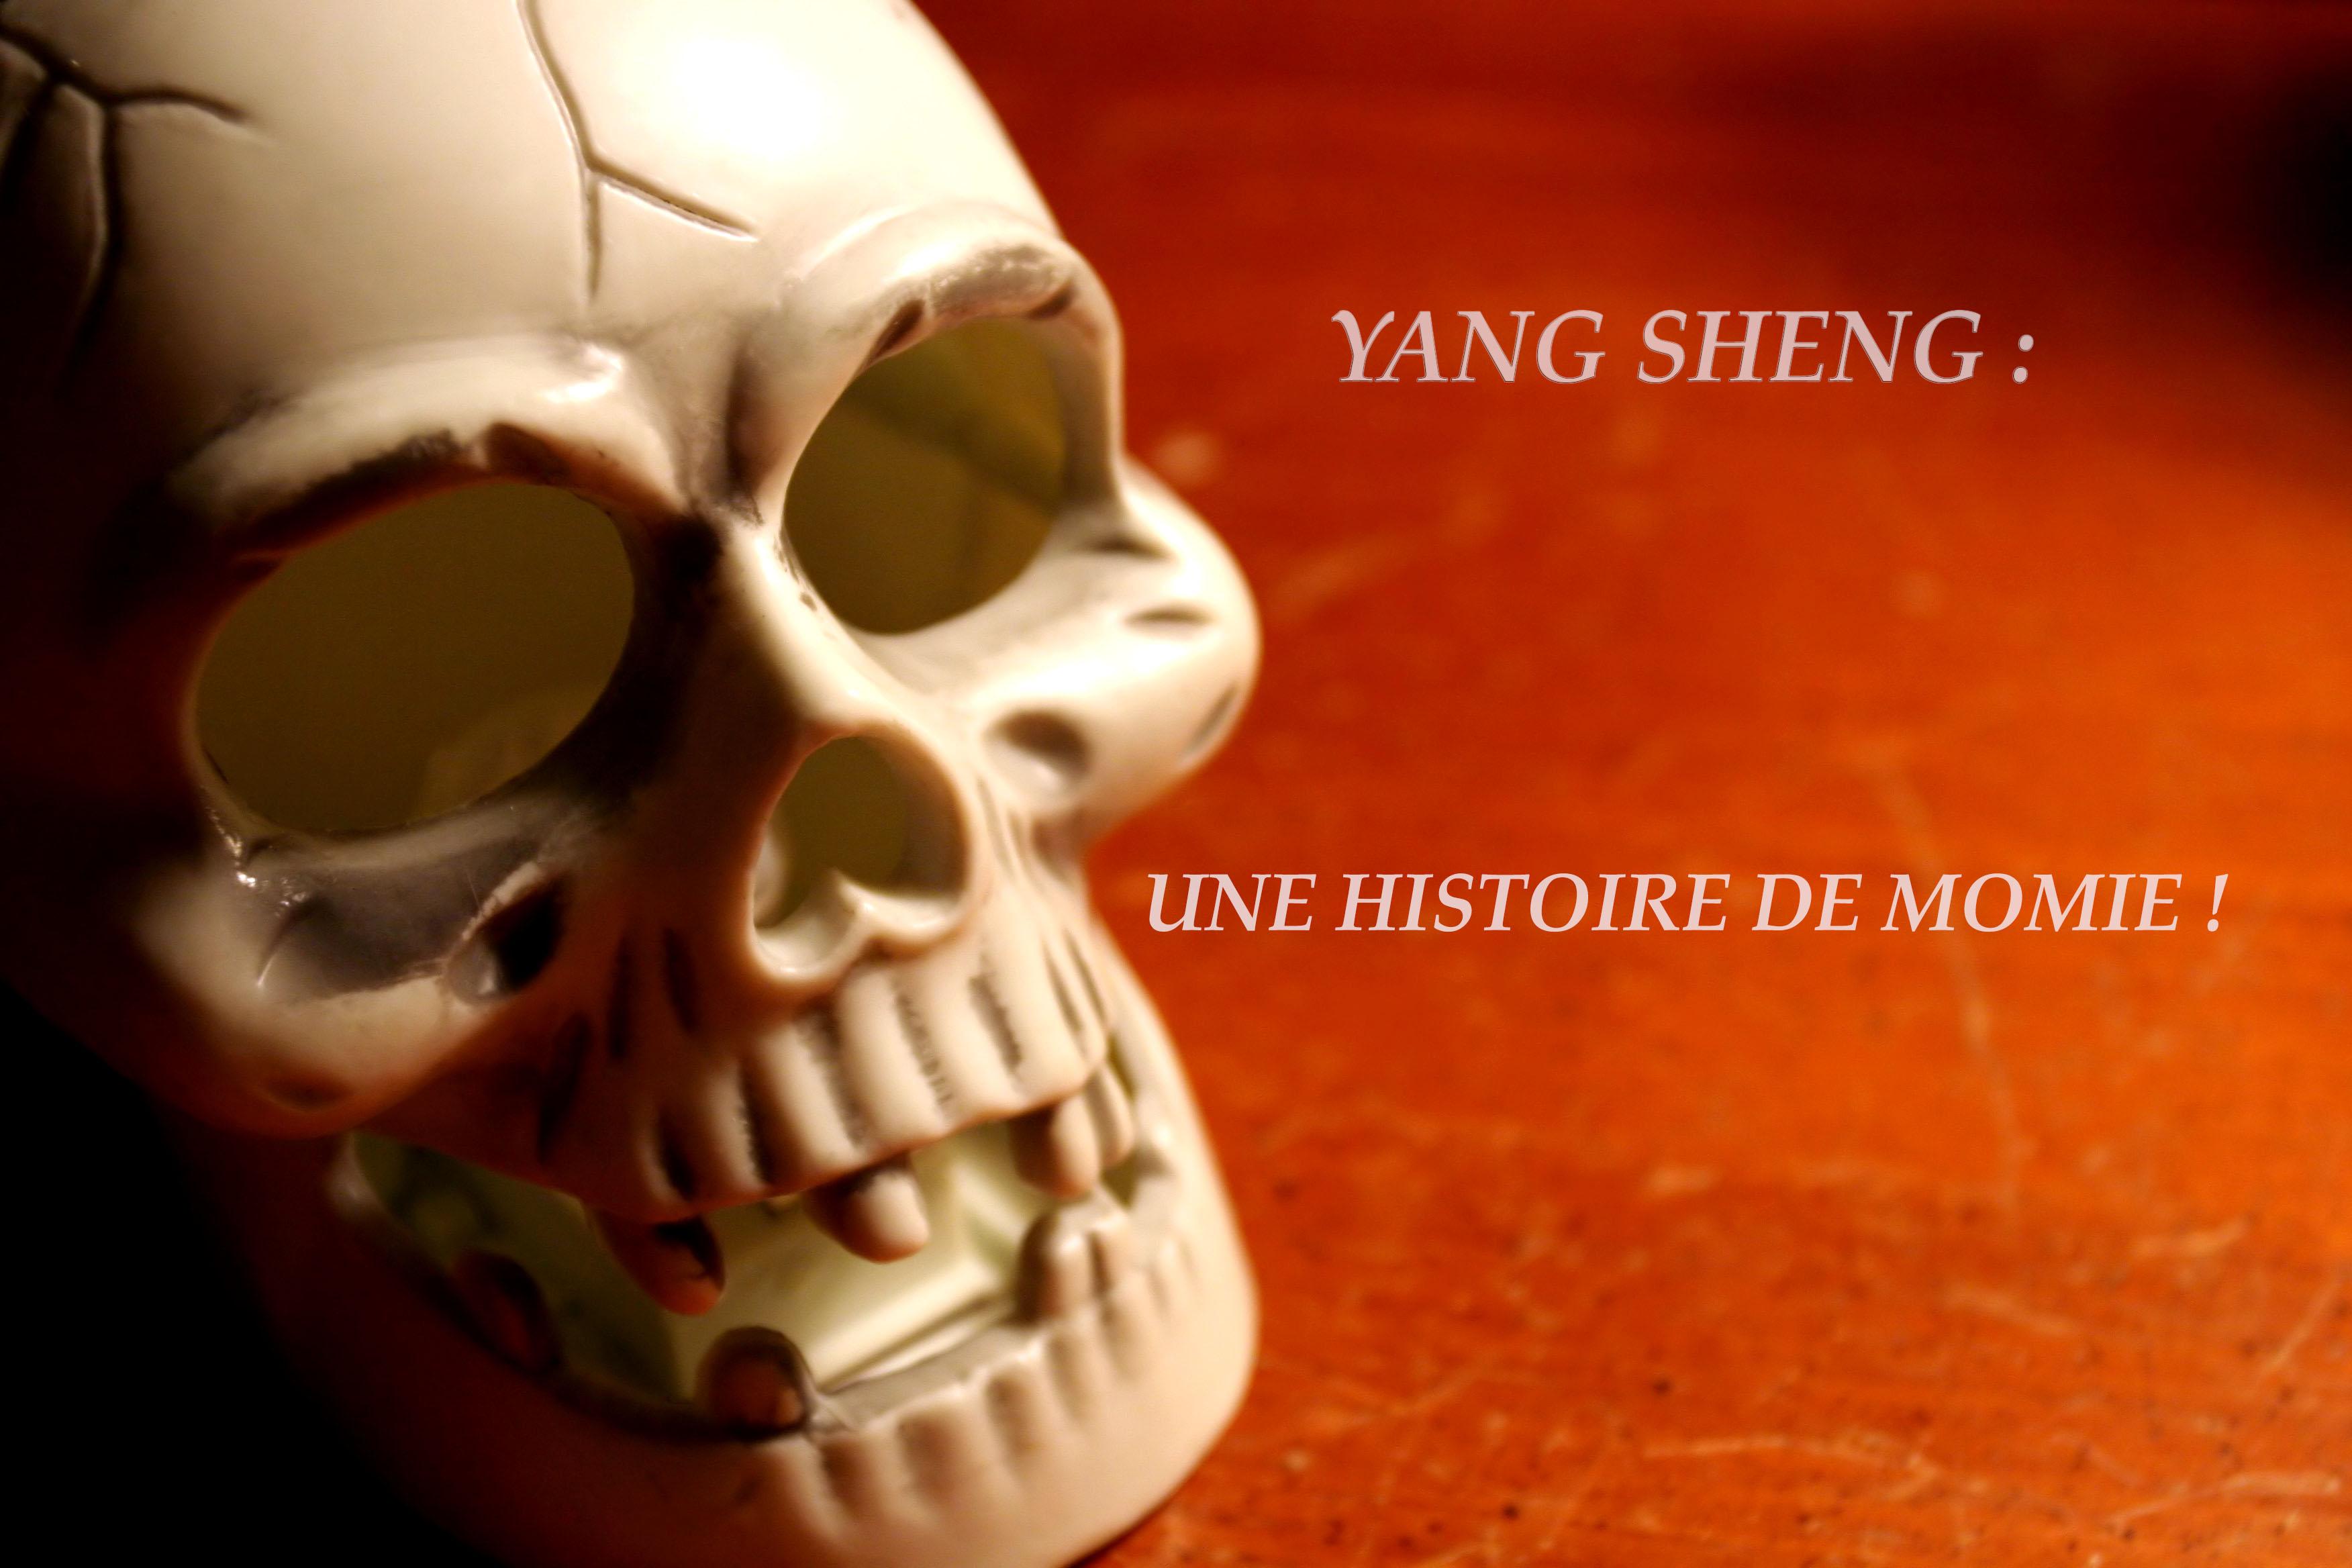 YANG SHENG: UNE HISTOIRE DE MOMIE !